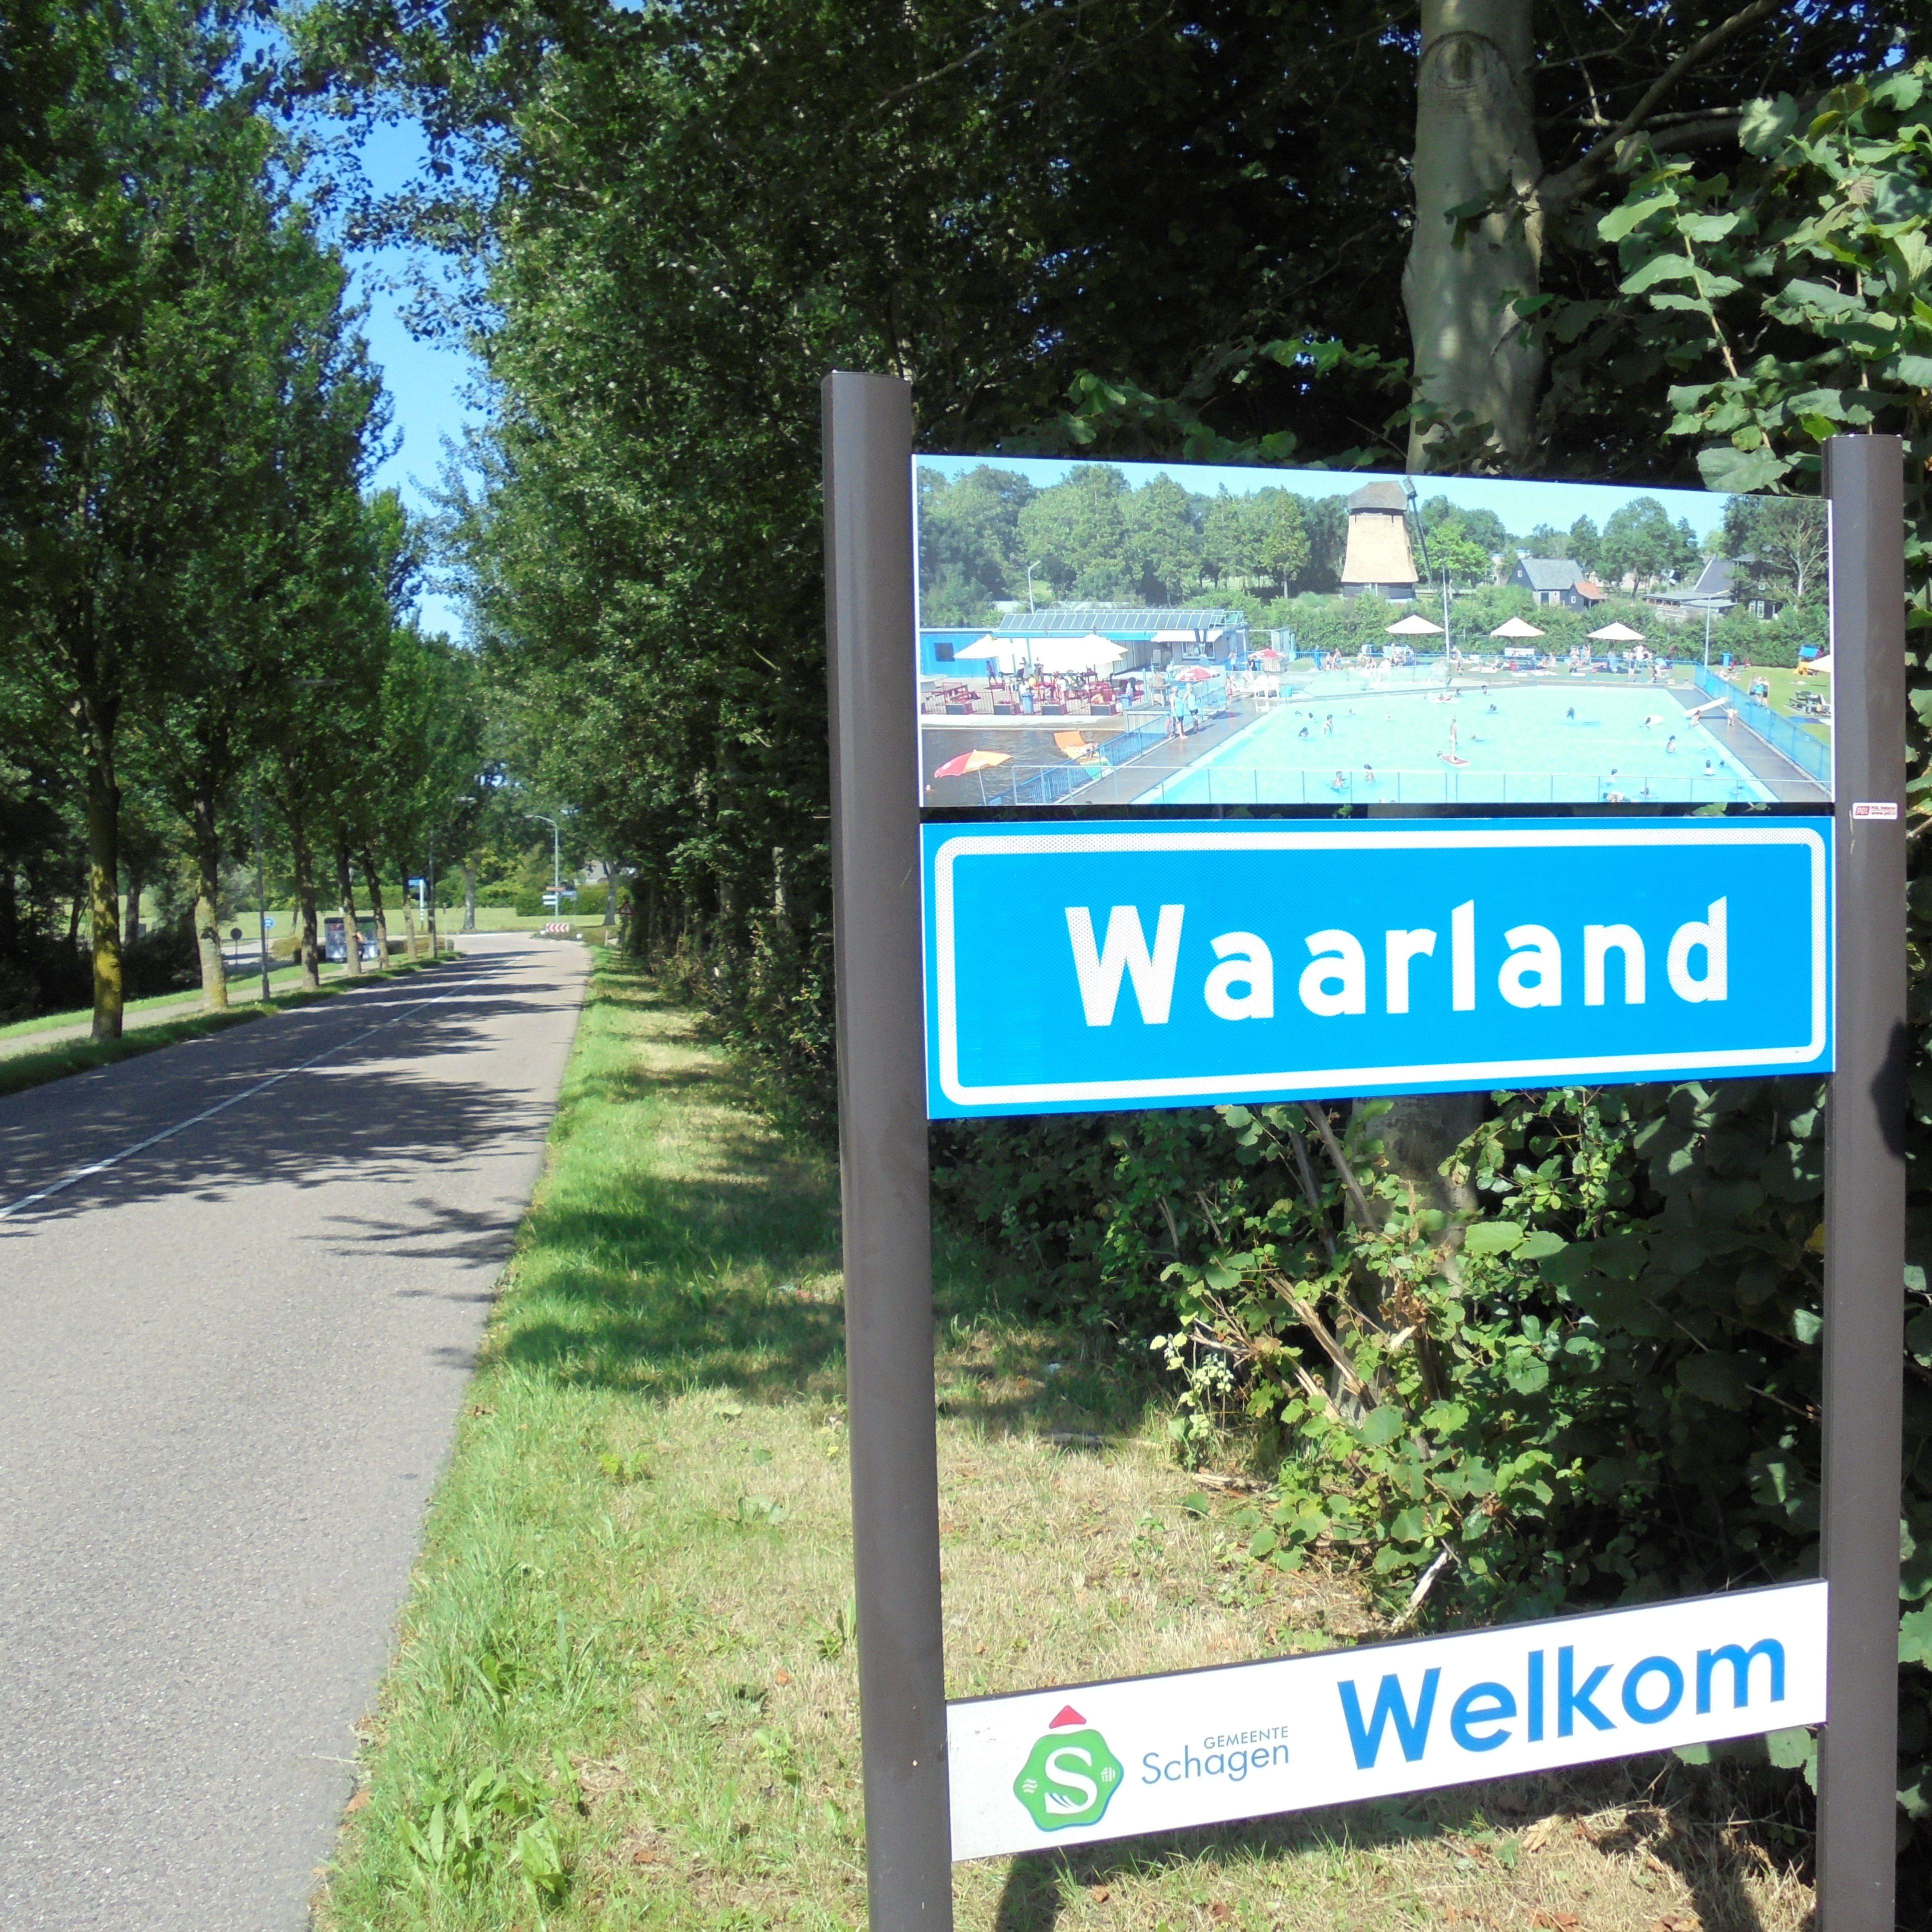 InWaarland.nl